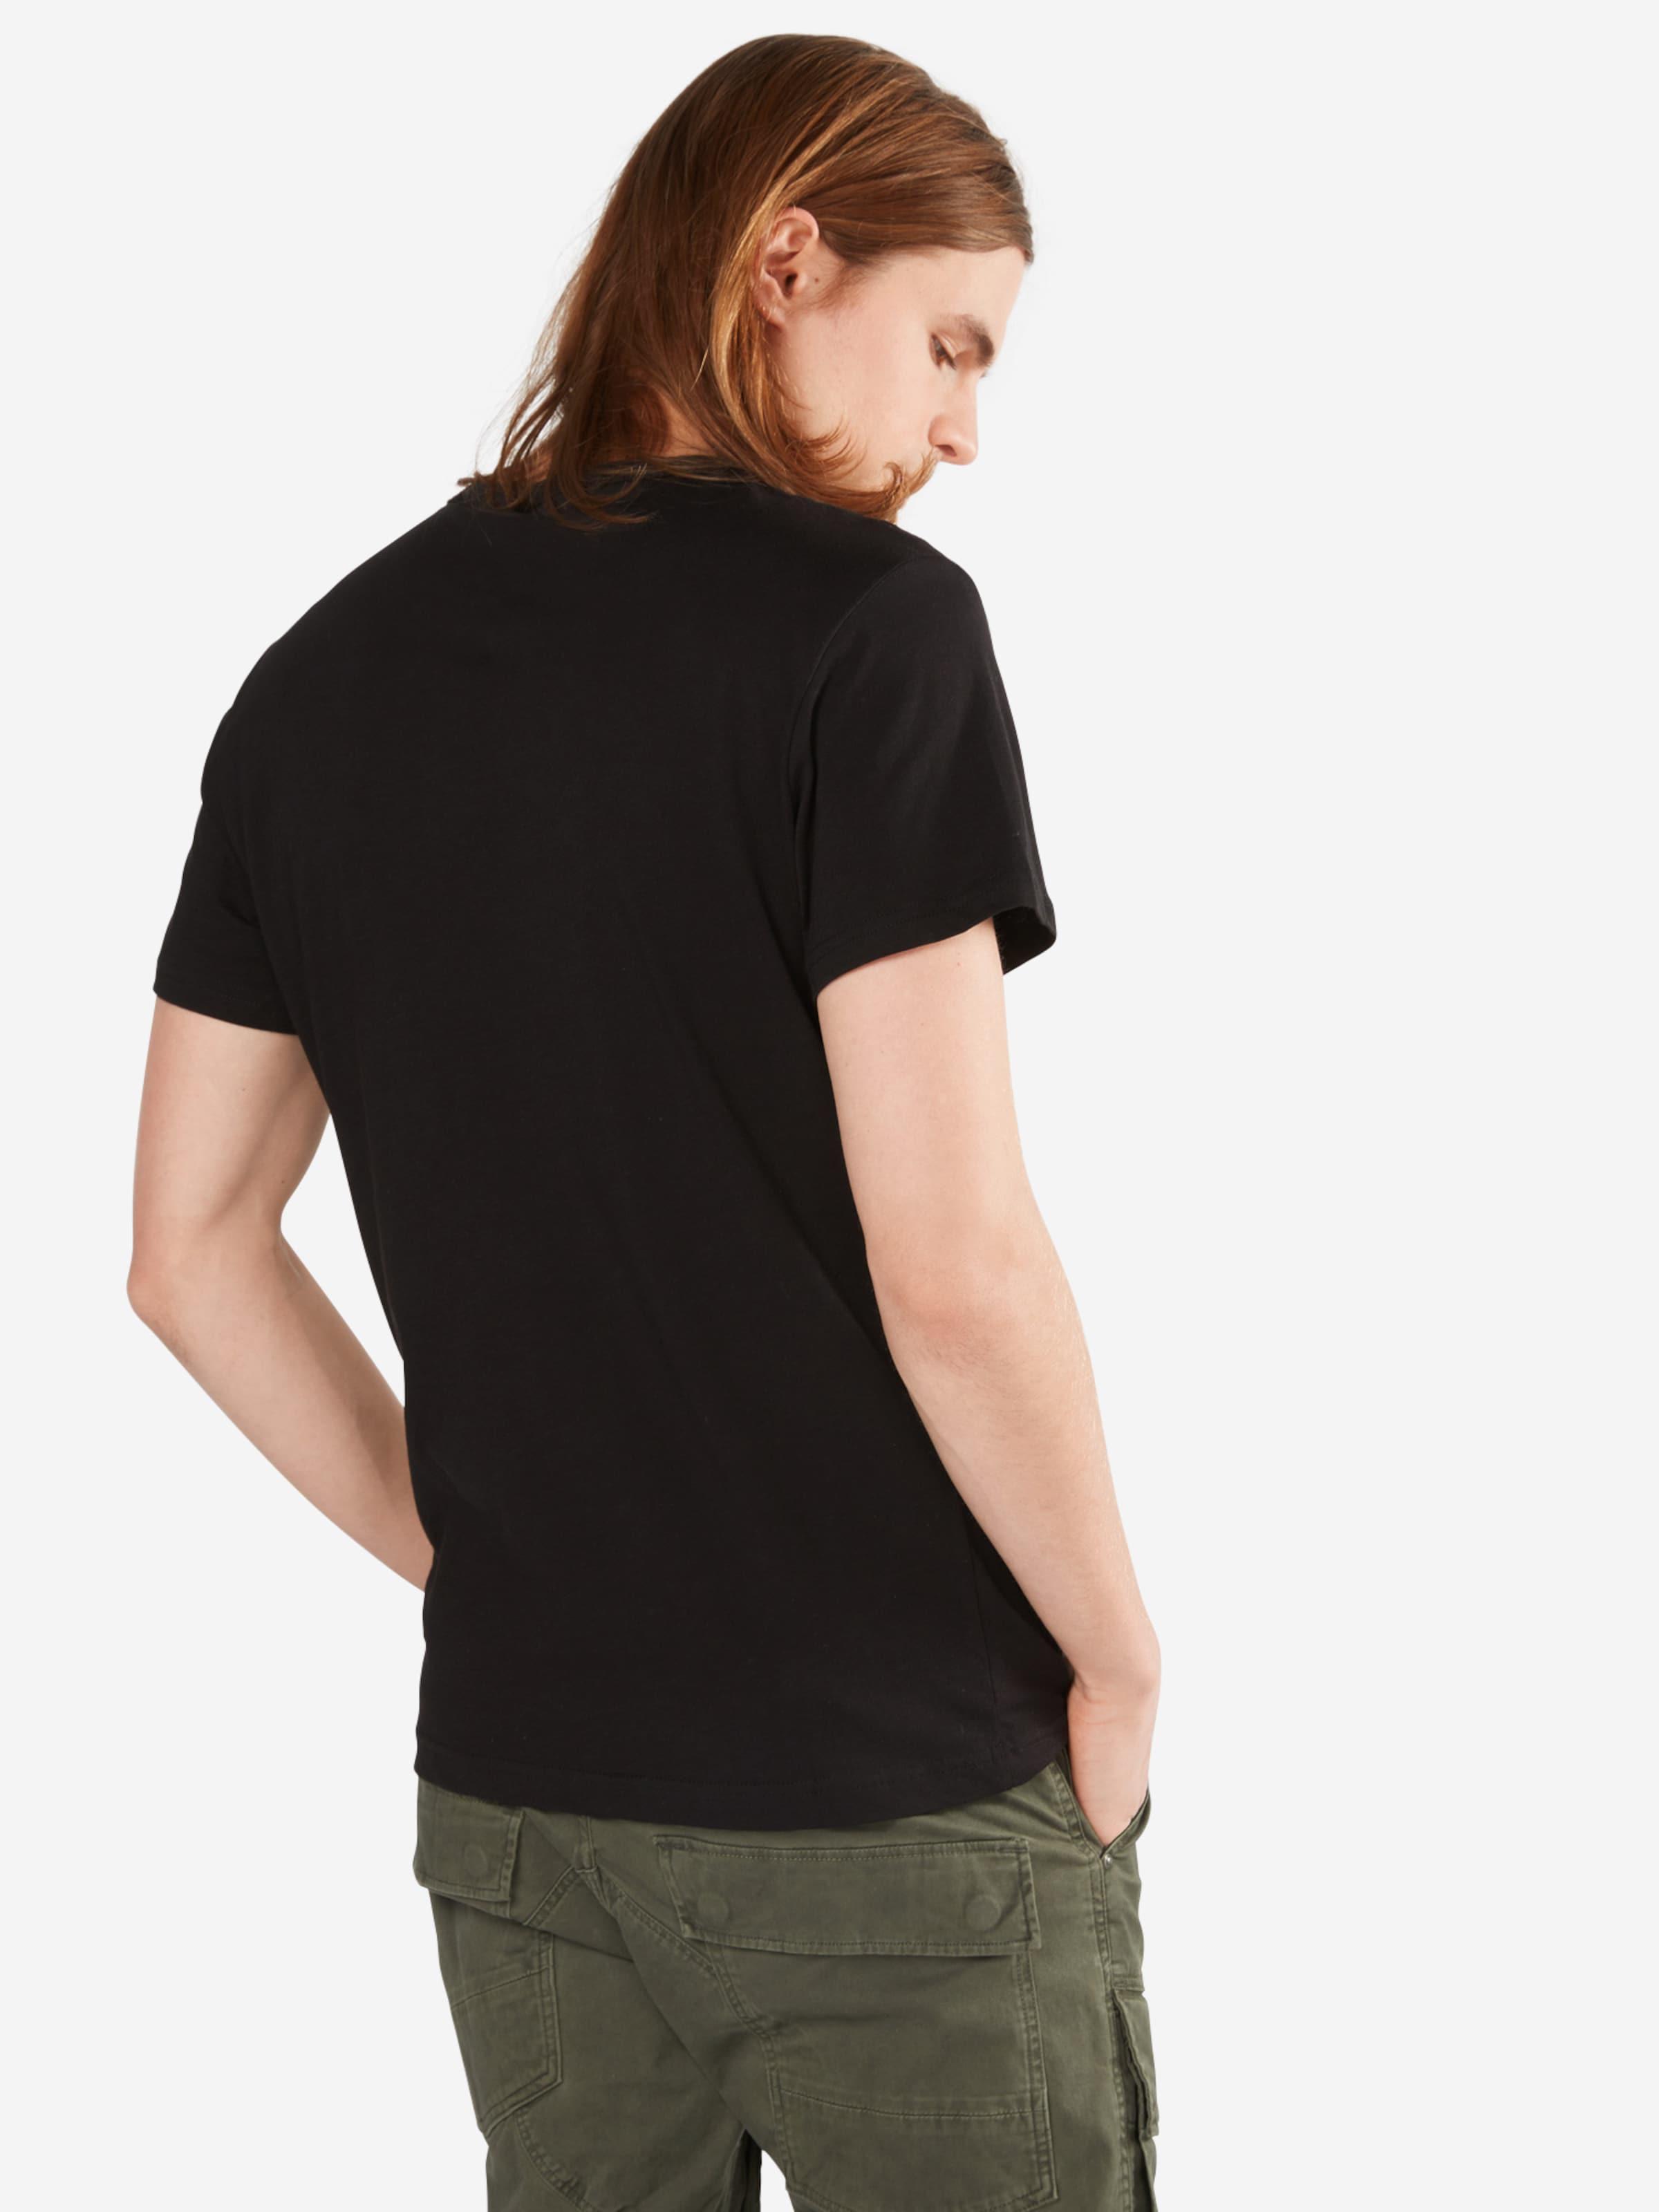 G-STAR RAW T-Shirt 'Holorn r t s/s' Besuchen Neue Online Günstiger Preis Gibt Verschiffen Frei Günstig Kauft Niedrigen Versand tG2k5a4CY